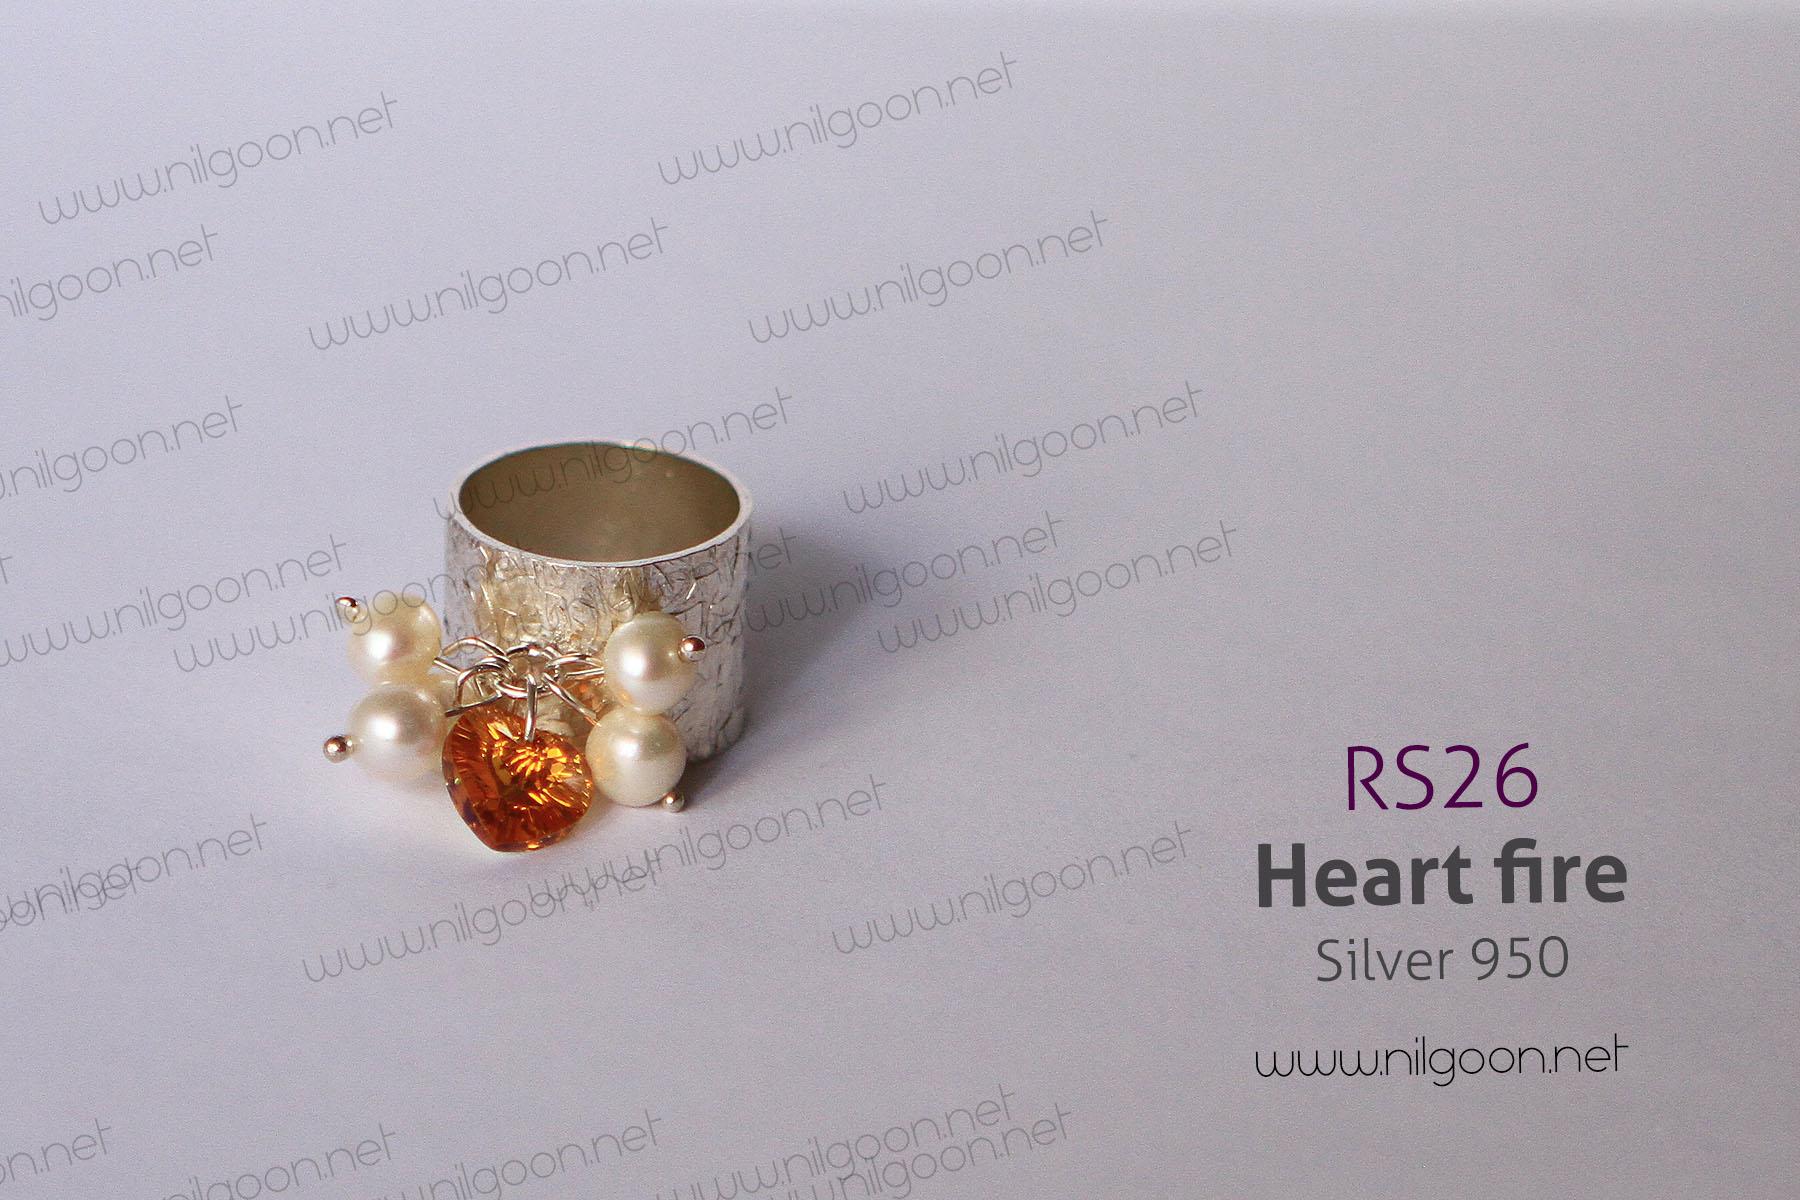 انگشتر نقره Heart fire